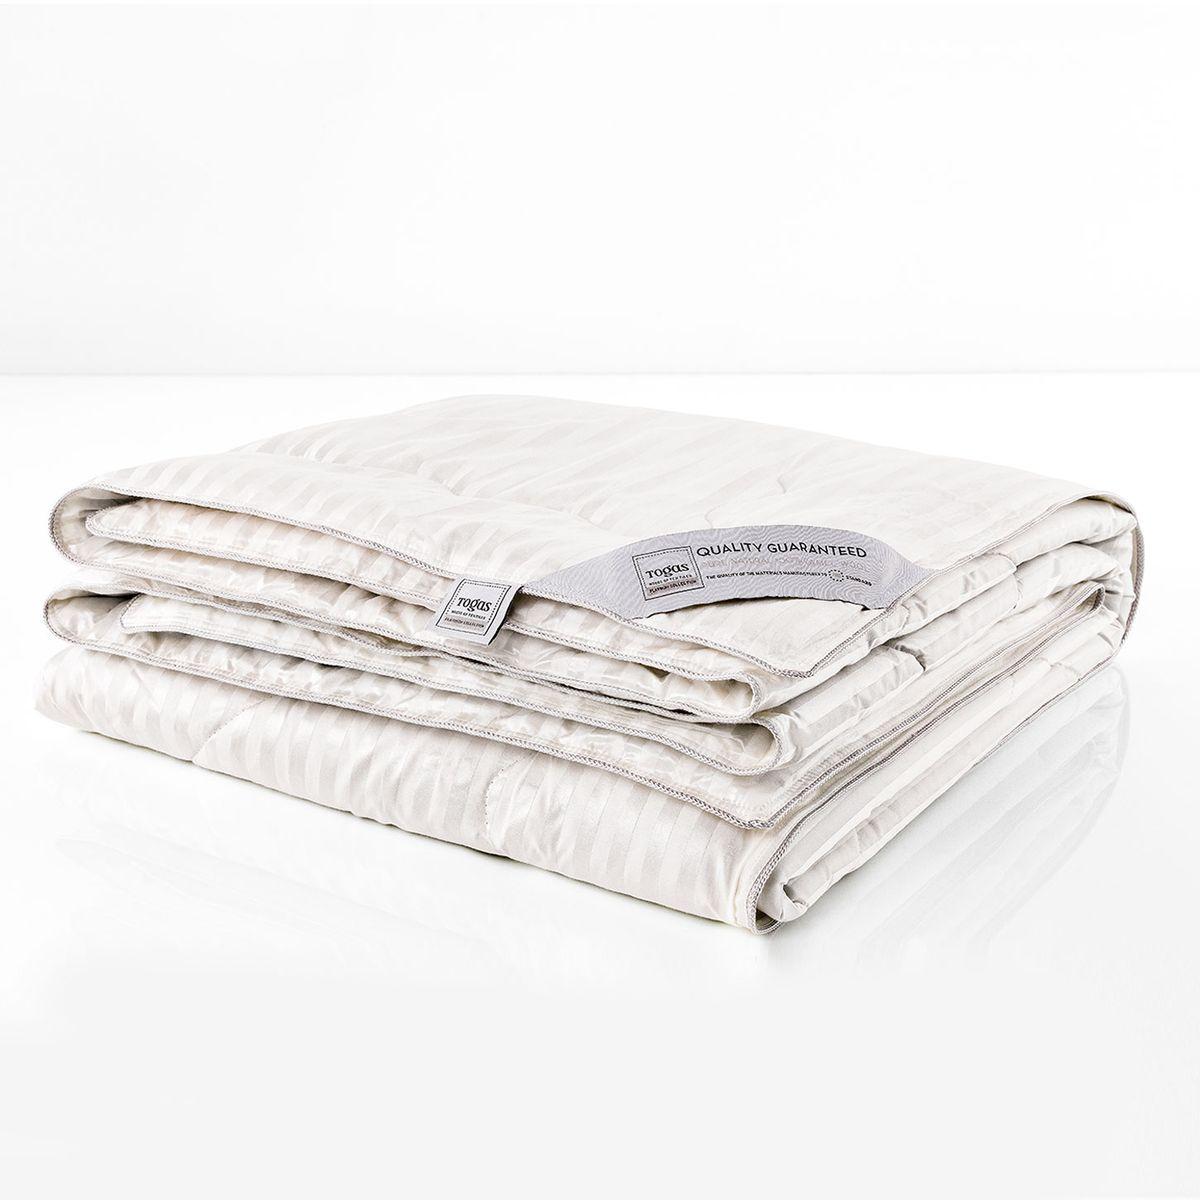 """Одеяло Роял верблюжья шерсть в шелке, 200 х 210 см. 20.04.17.0056531-105Сон под таким одеялом наполнен неземными ощущениями… Верблюжья шерсть удивительно легкая, что делает одеяло практически невесомыми, воздушными. Словно облако нежного тепла подхватывает Вас, расслабляя мыщцы, окутывая заботой, окружая непревзойденным комфортом… Верблюжья шерсть прочнее и легче других видов шерсти, имеет полую структуру, благодаря чему превосходно удерживает тепло и одновременно """"дышит"""". Свойства шелка, из которого сделан чехол одеяла, удивительны. Чистый шелк обладает антибактериальными и гипоаллергенными свойствами. Наполнитель из верблюжьей шерсти в сочетании с шелковым чехлом - это изысканный комфорт, окружающий Вас каждую ночь…"""